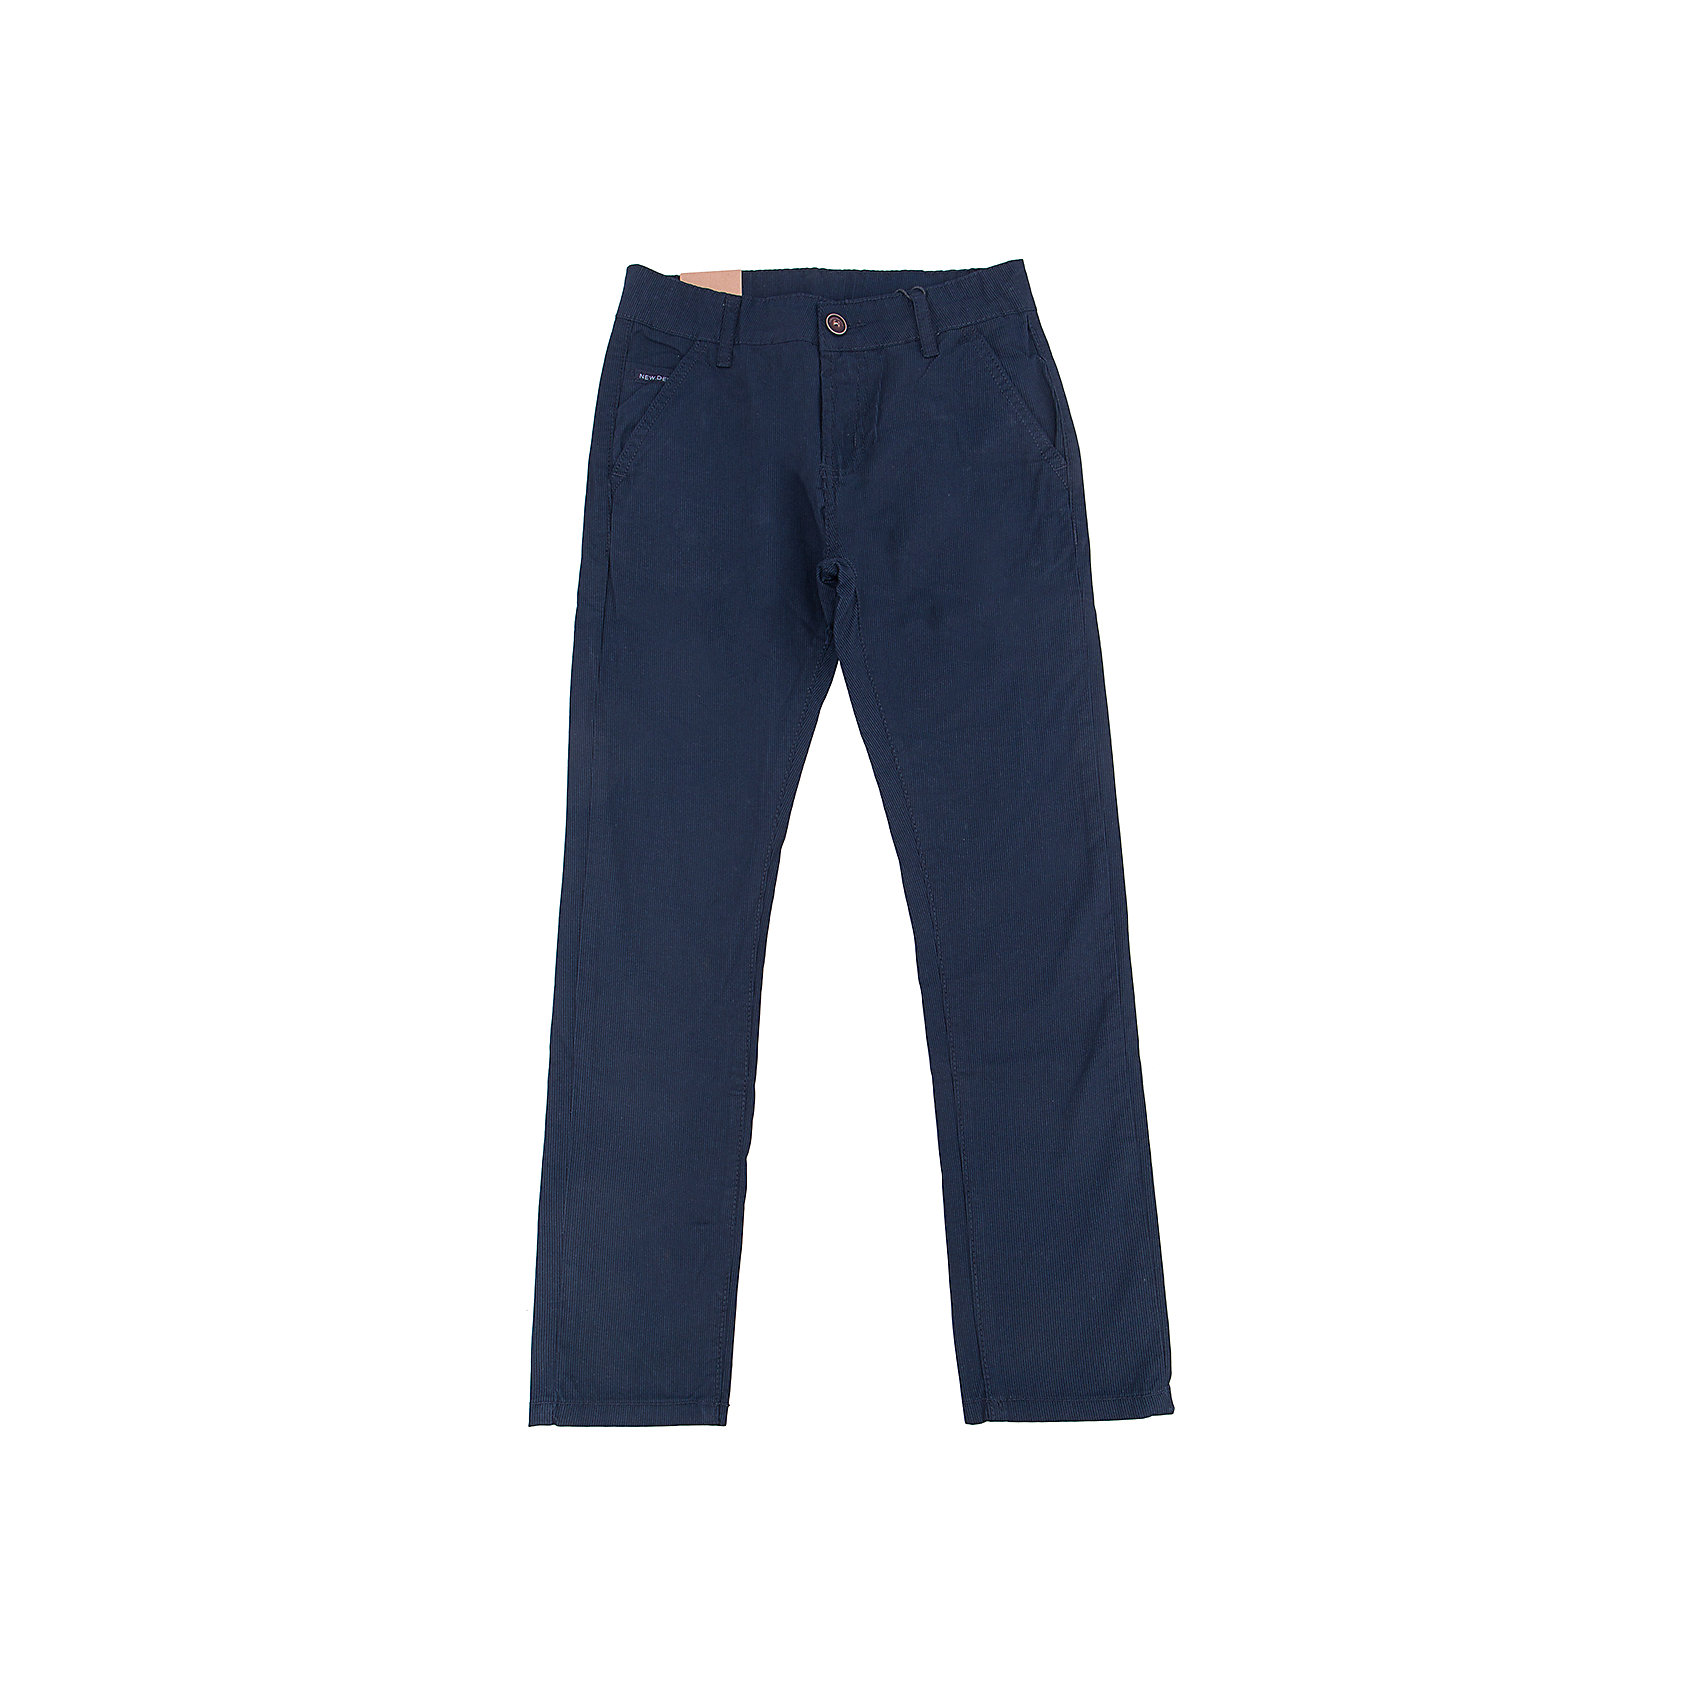 Брюки для мальчика LuminosoХарактеристики товара:<br><br>- цвет: синий;<br>- материал: 98% хлопок, 2% эластан;<br>- застежка: пуговица и молния;<br>- пояс регулируется внутренней резинкой на пуговицах;<br>- шлевки для ремня.<br><br>Стильная одежда от бренда Luminoso (Люминосо), созданная при участии итальянских дизайнеров, учитывает потребности подростков и последние веяния моды. Она удобная и модная.<br>Эти брюки выглядят стильно, но при этом подходят для ежедневного ношения. Они хорошо сидят на ребенке, обеспечивают комфорт и отлично сочетаются с одежной разных стилей. Модель отличается высоким качеством материала и продуманным дизайном. Натуральный хлопок в составе изделия делает его дышащим, приятным на ощупь и гипоаллергеным.<br><br>Брюки для мальчика от бренда Luminoso (Люминосо) можно купить в нашем интернет-магазине.<br><br>Ширина мм: 215<br>Глубина мм: 88<br>Высота мм: 191<br>Вес г: 336<br>Цвет: синий<br>Возраст от месяцев: 144<br>Возраст до месяцев: 156<br>Пол: Мужской<br>Возраст: Детский<br>Размер: 158,164,134,140,146,152<br>SKU: 4930998